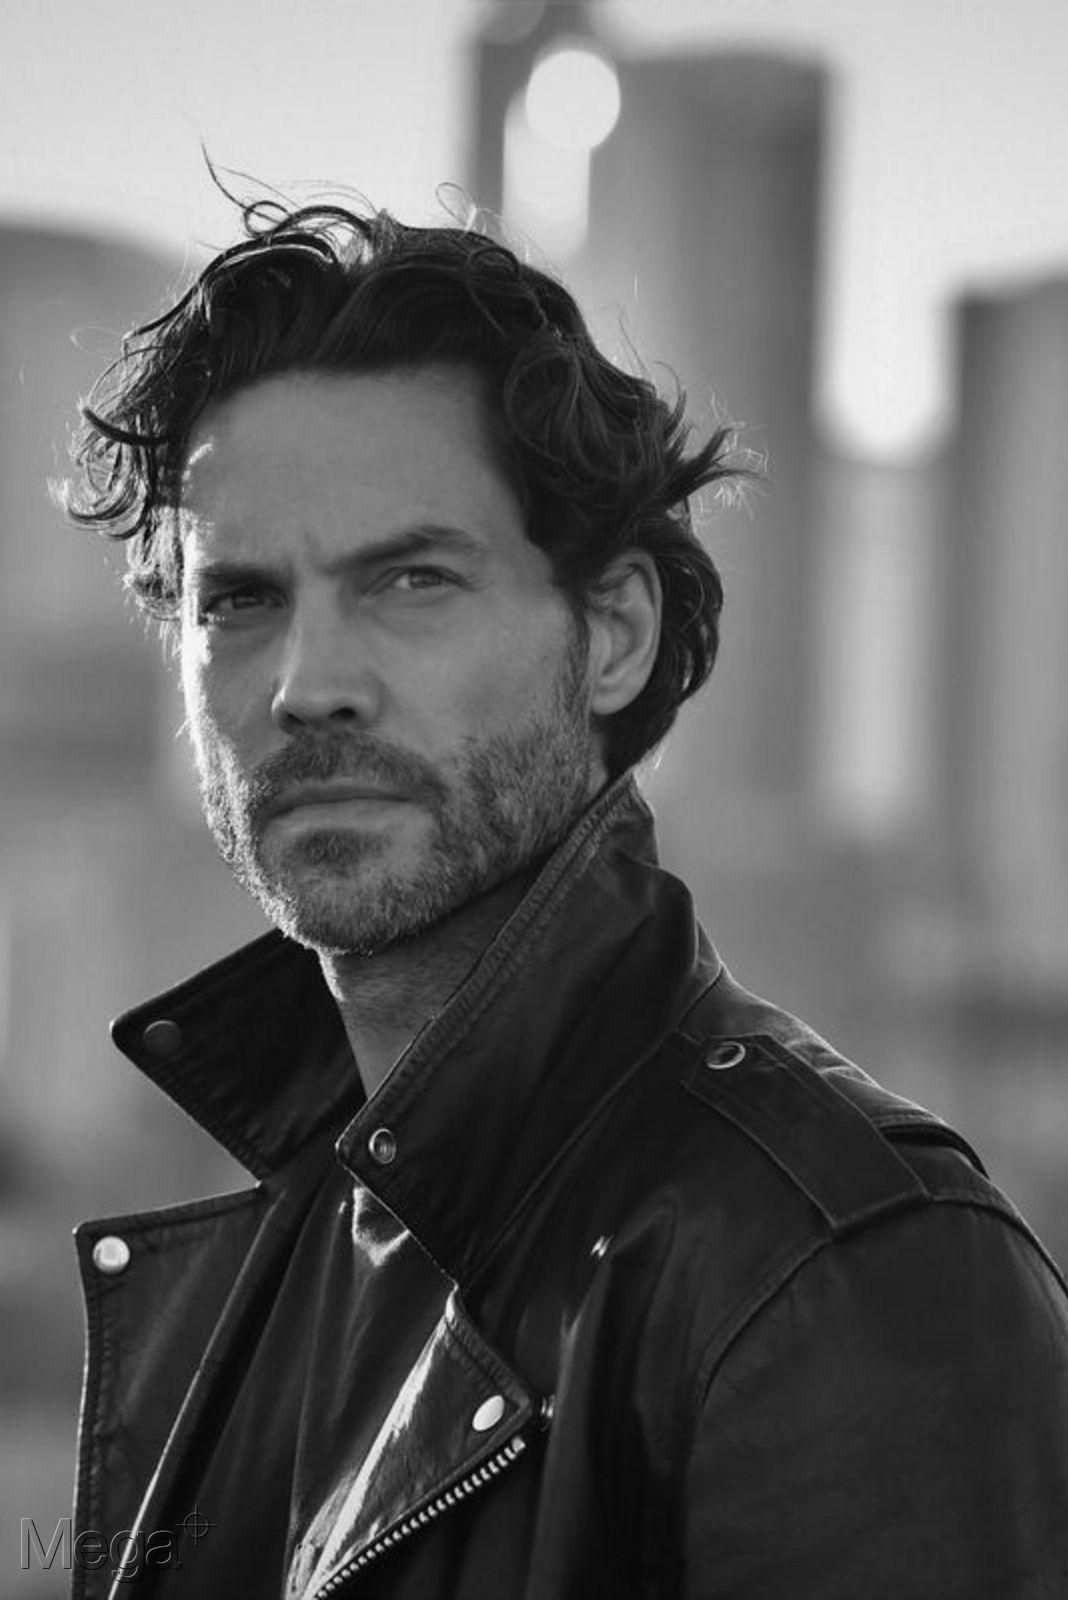 Stephan Kaefer Mega Model Agency